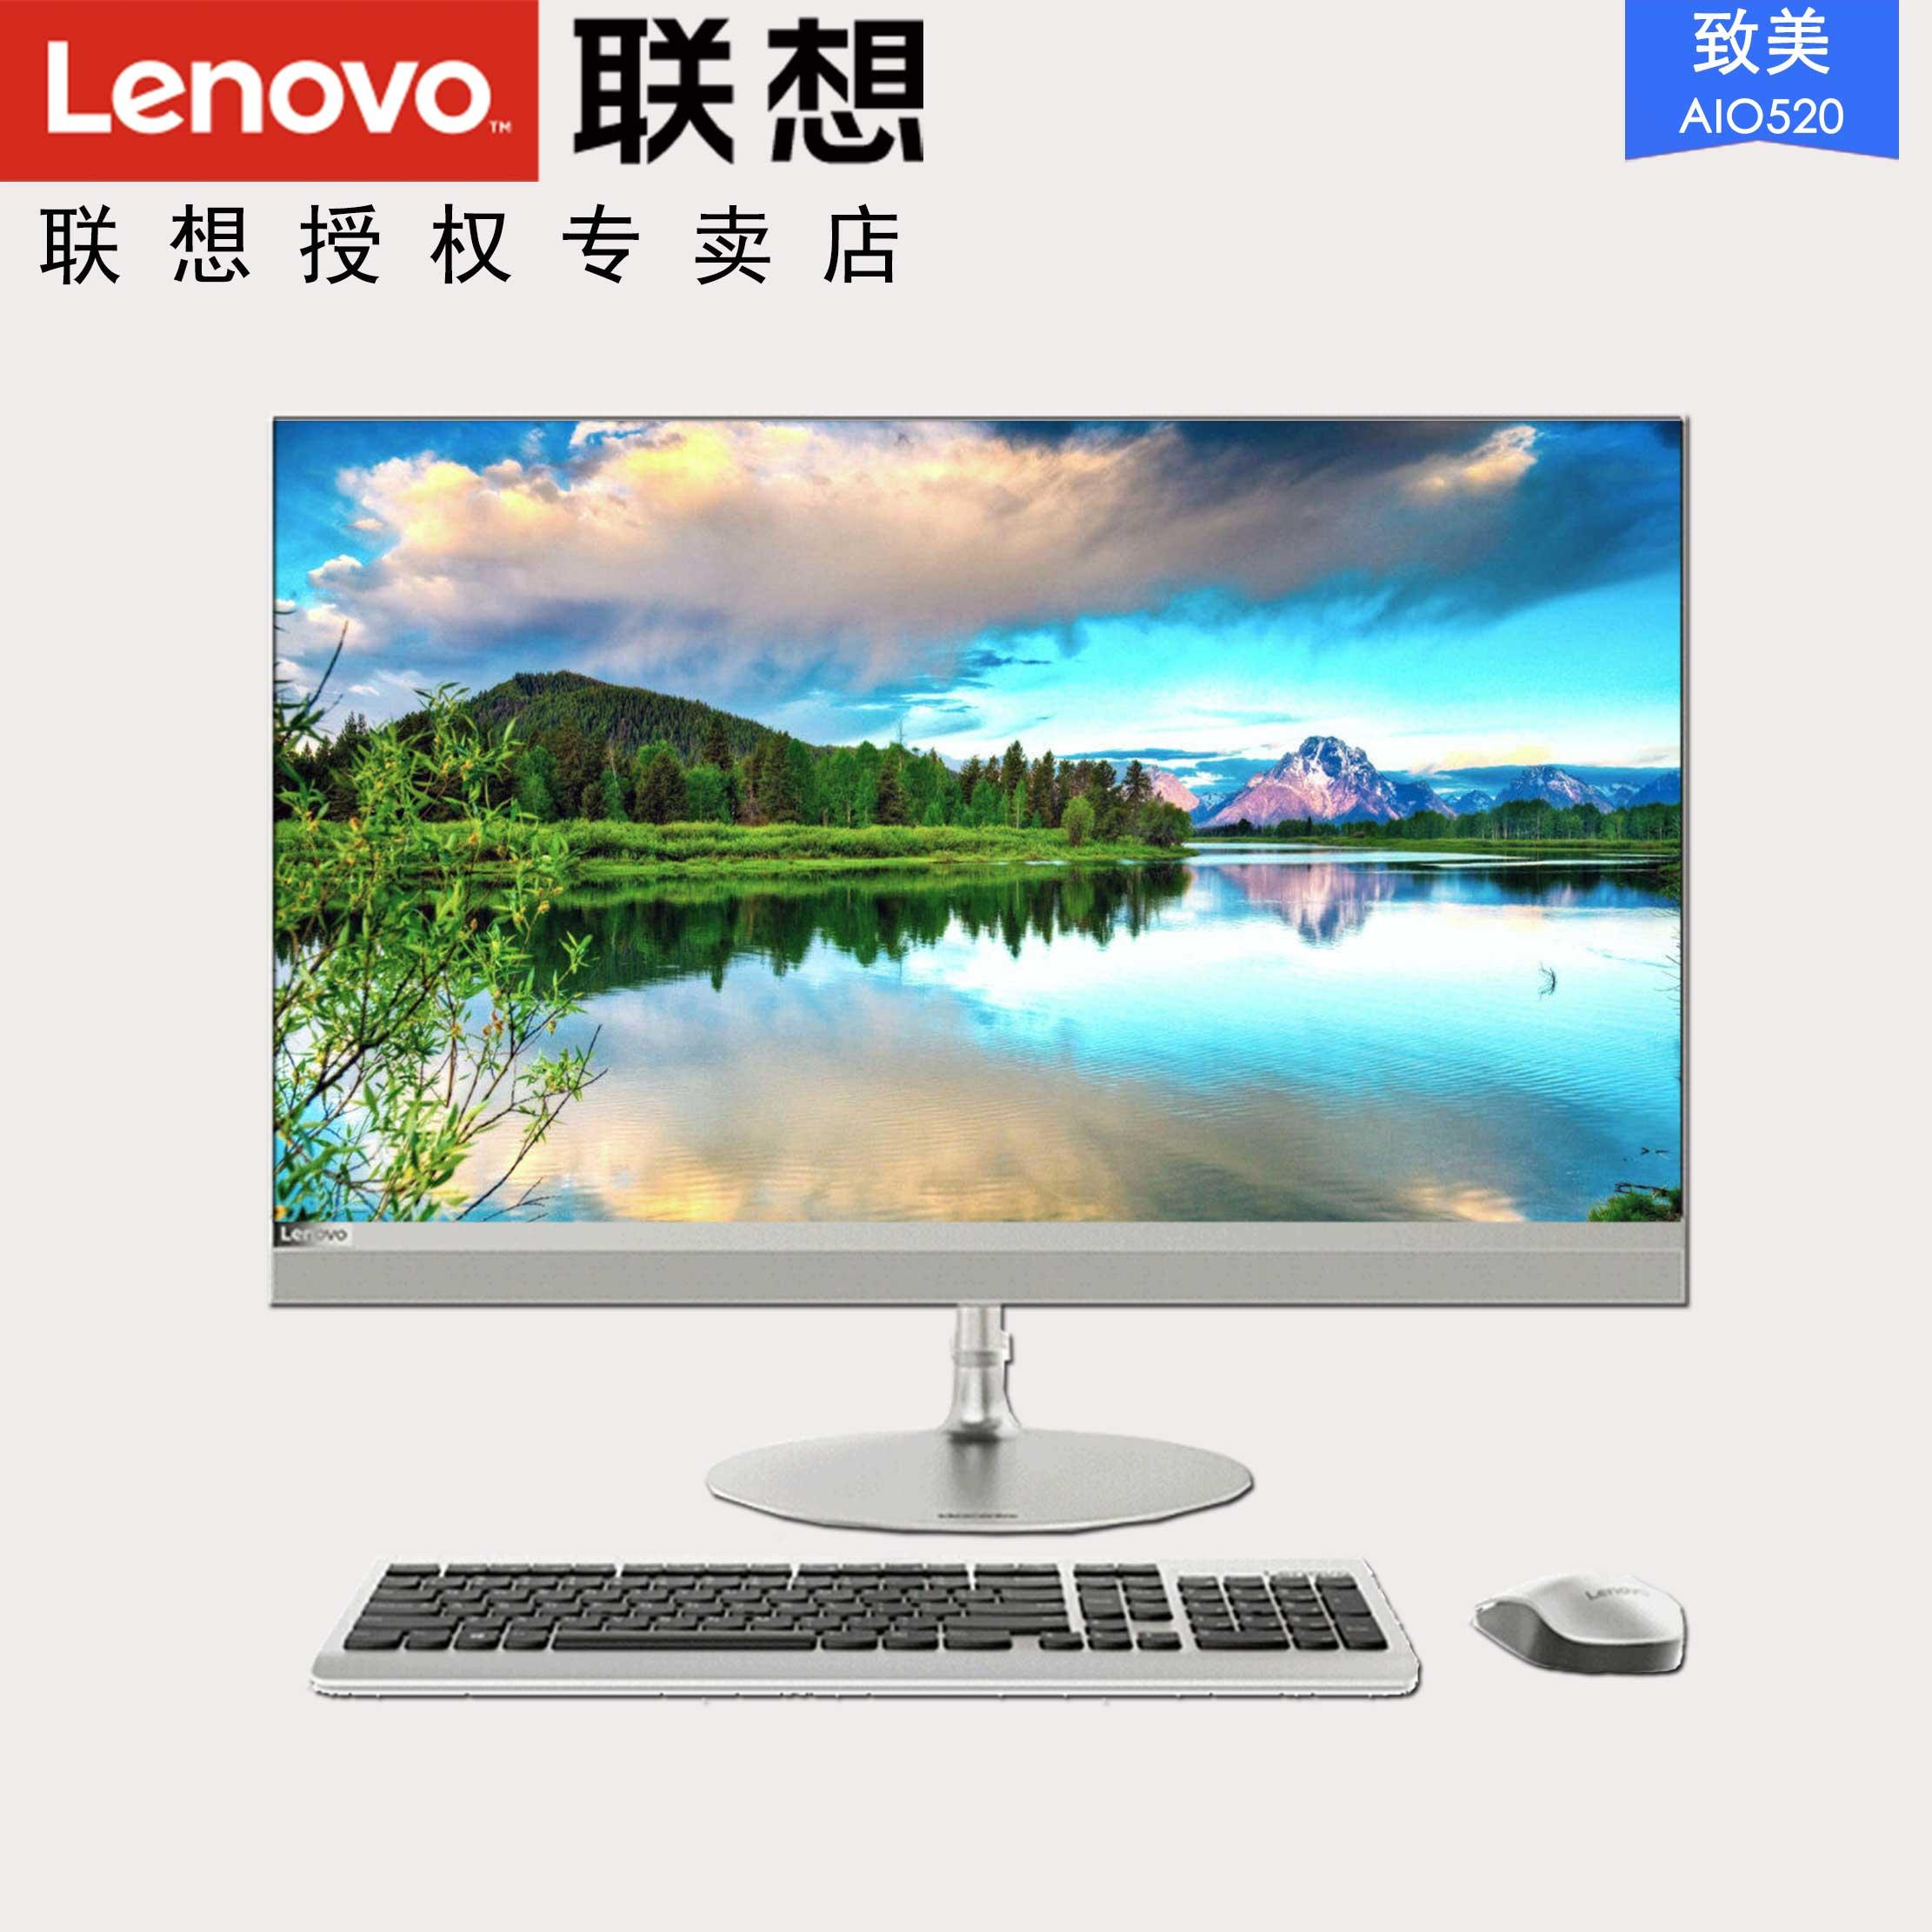 新款联想致美一体机电脑AIO520-22 四核i3-8100T 21.5英寸家用学习办公台式电脑整套A6-9220 AIO510升级